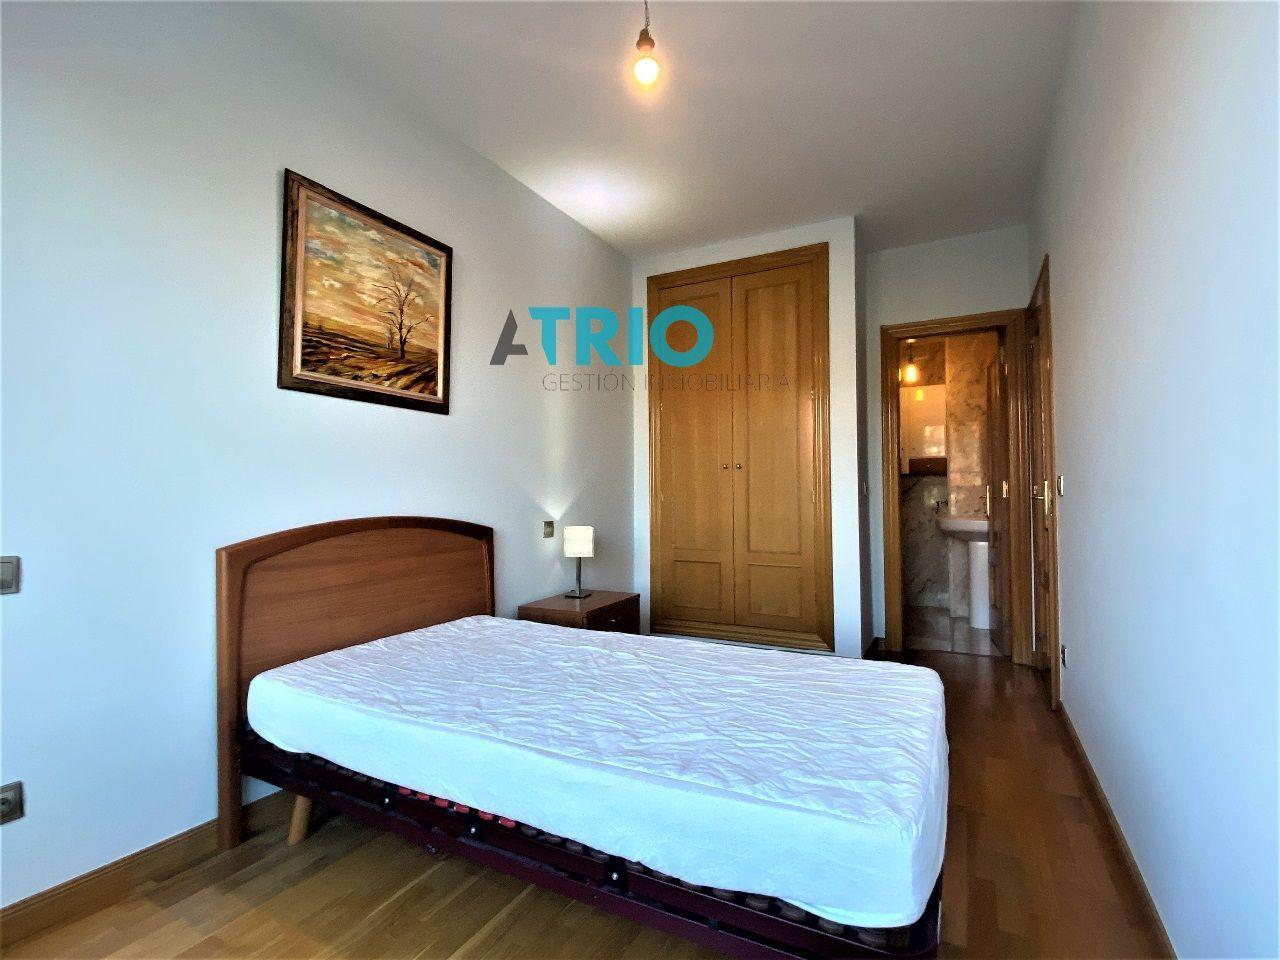 dia.mobiliagestion.es/Portals/inmoatrio/Images/6446/4132036